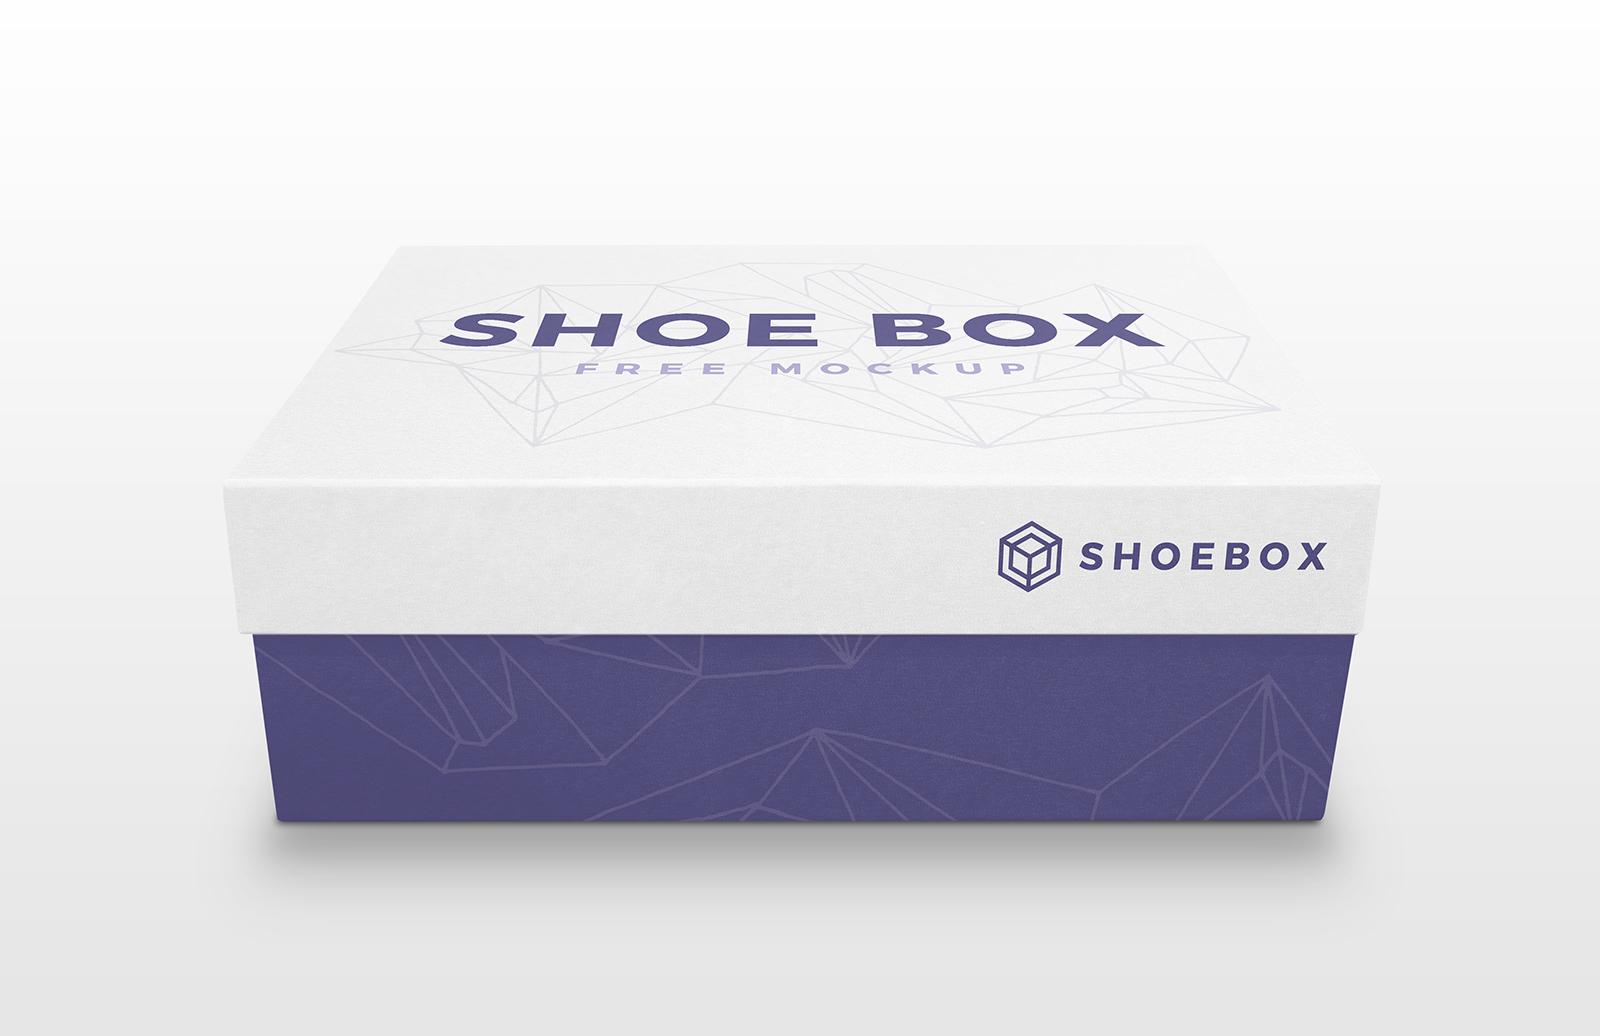 Shoe Box Free Mockup Preview 1